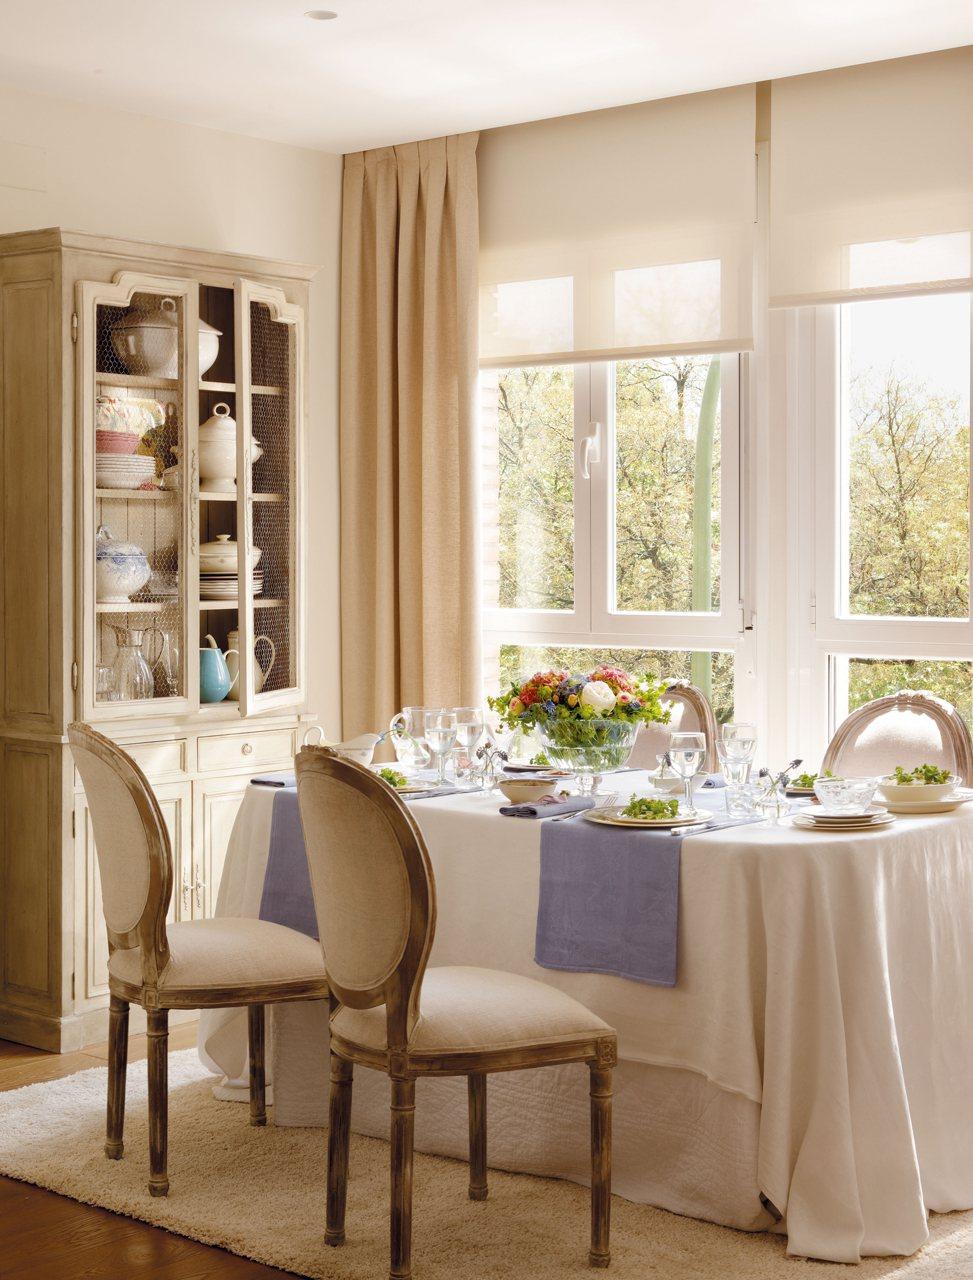 Consejos para decorar el comedor - Oficios de ayer muebles ...